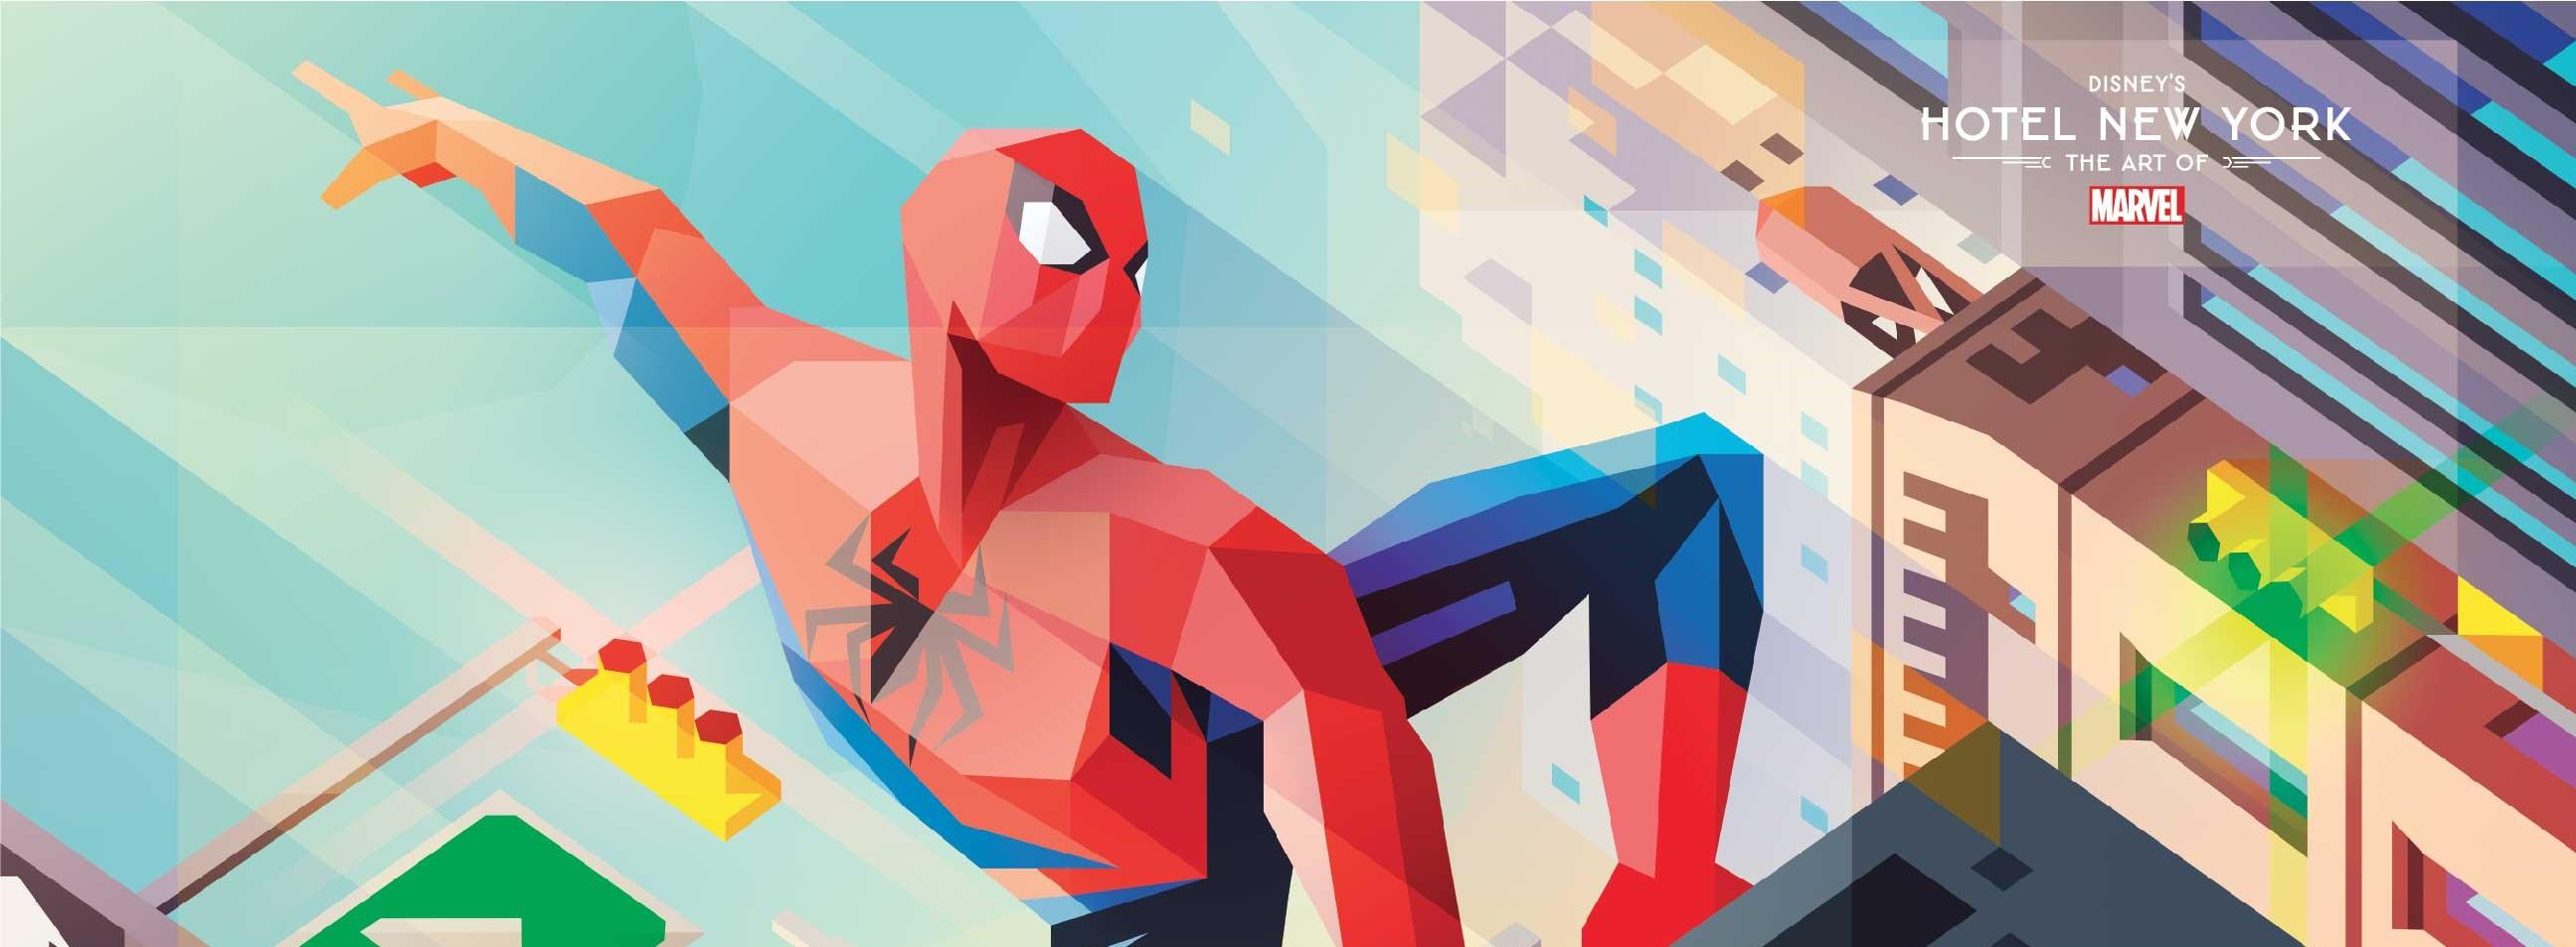 HotelNewYork_ArtofMarvel_LiamBrazier_SpiderManheader